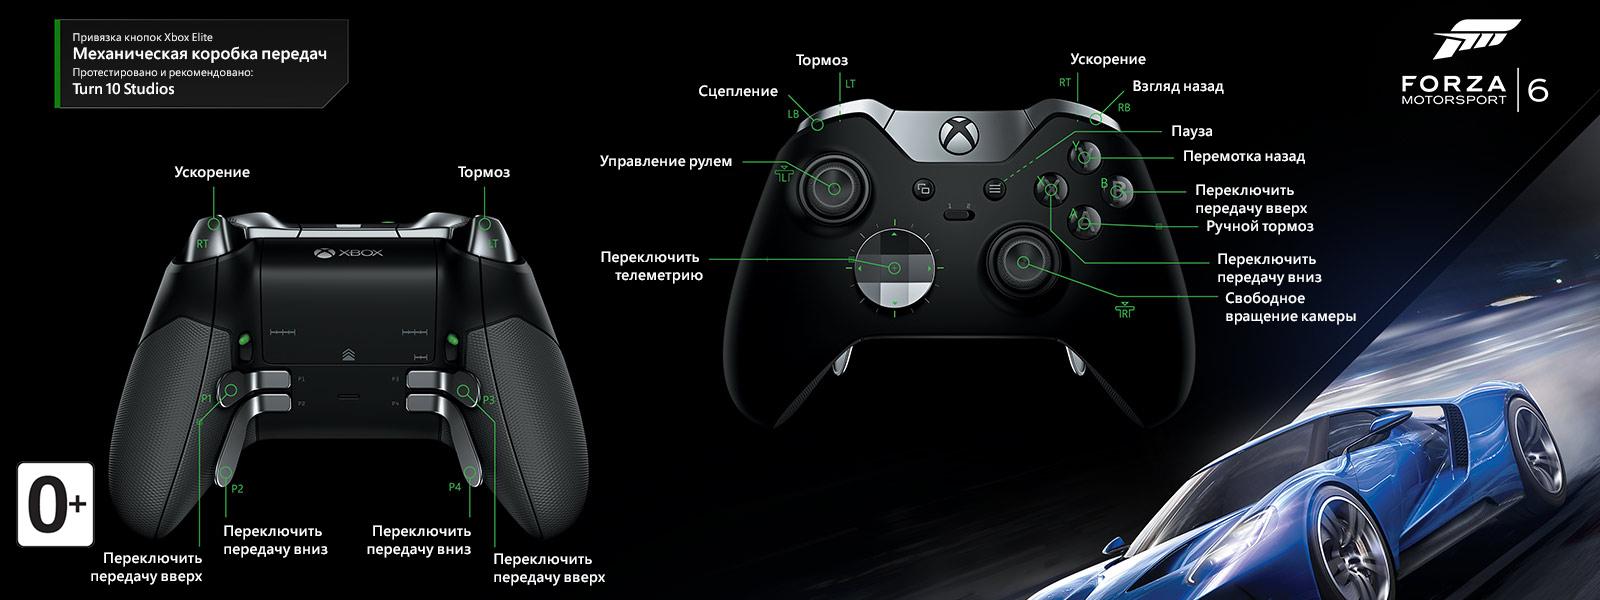 Forza Motorsport 6 — раскладка для ручной коробки передач под геймпад Elite